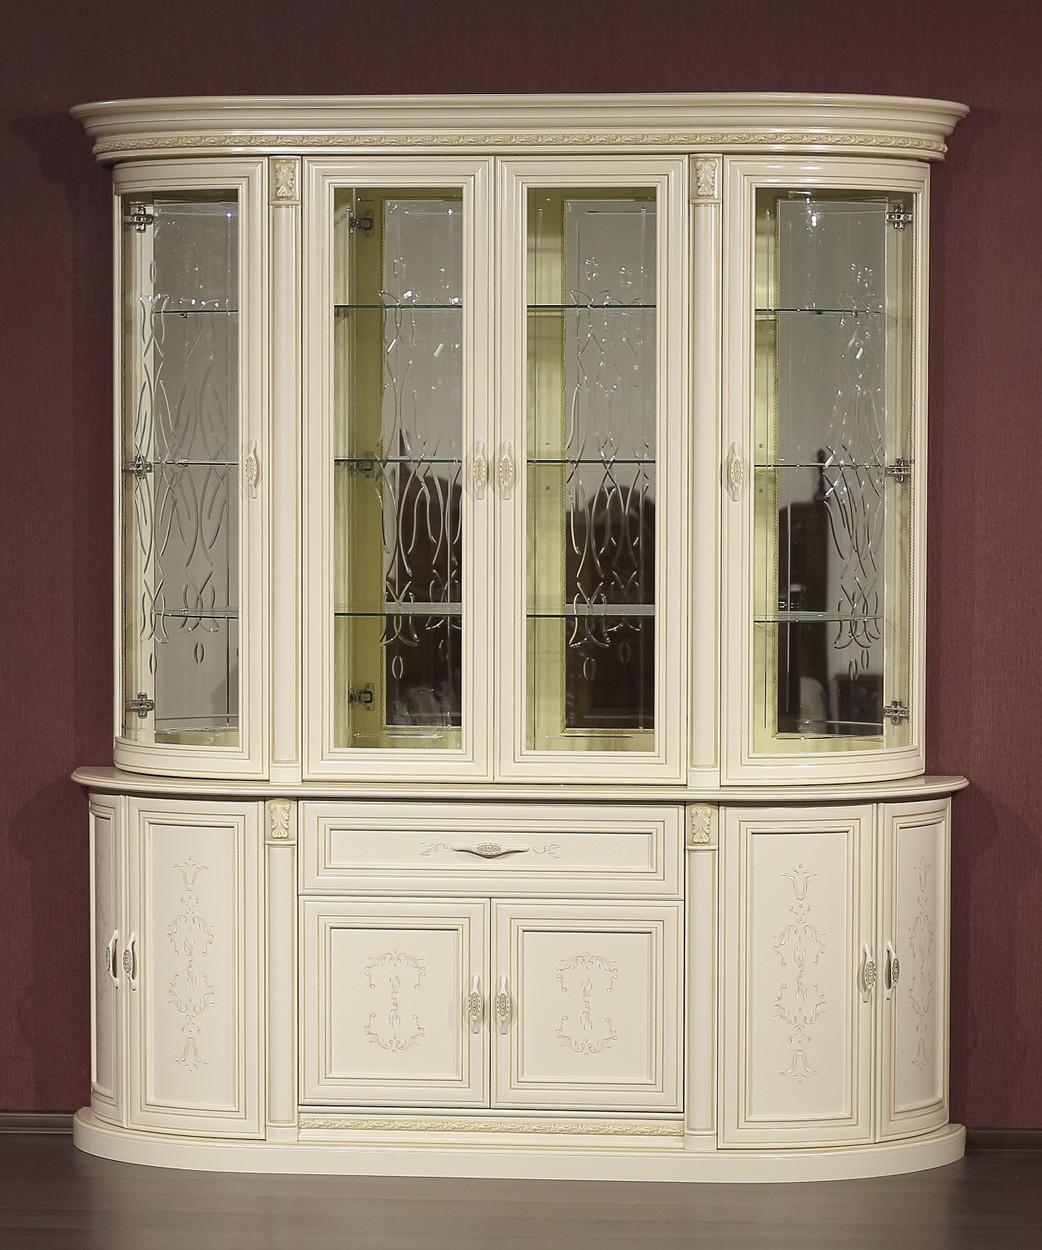 """4-х дверная витрина """"Милан-1-2-01"""" из массива древесины"""